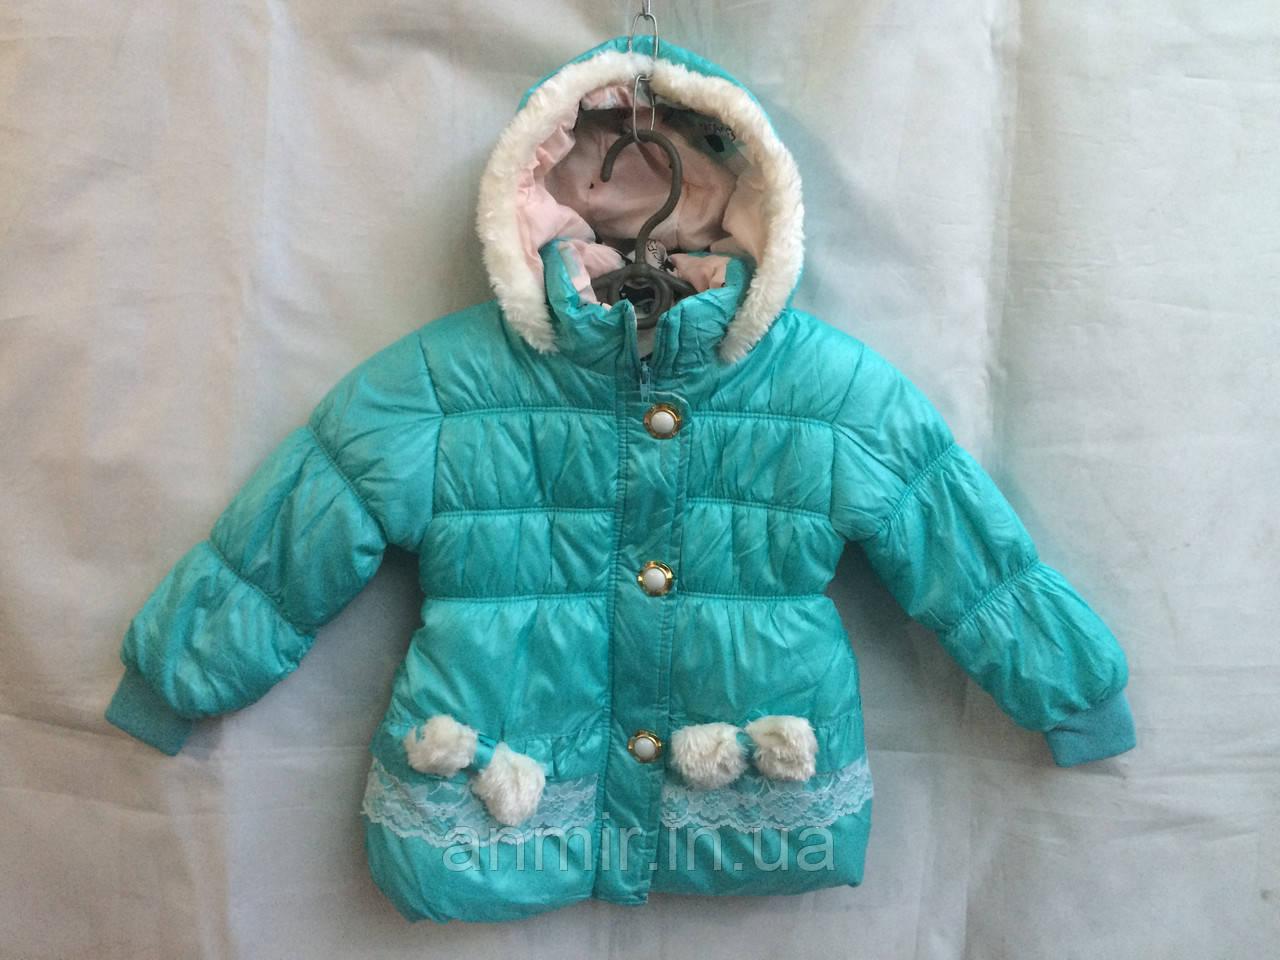 Куртка утепленная детская для девочки 1-3 года,мятная, фото 1